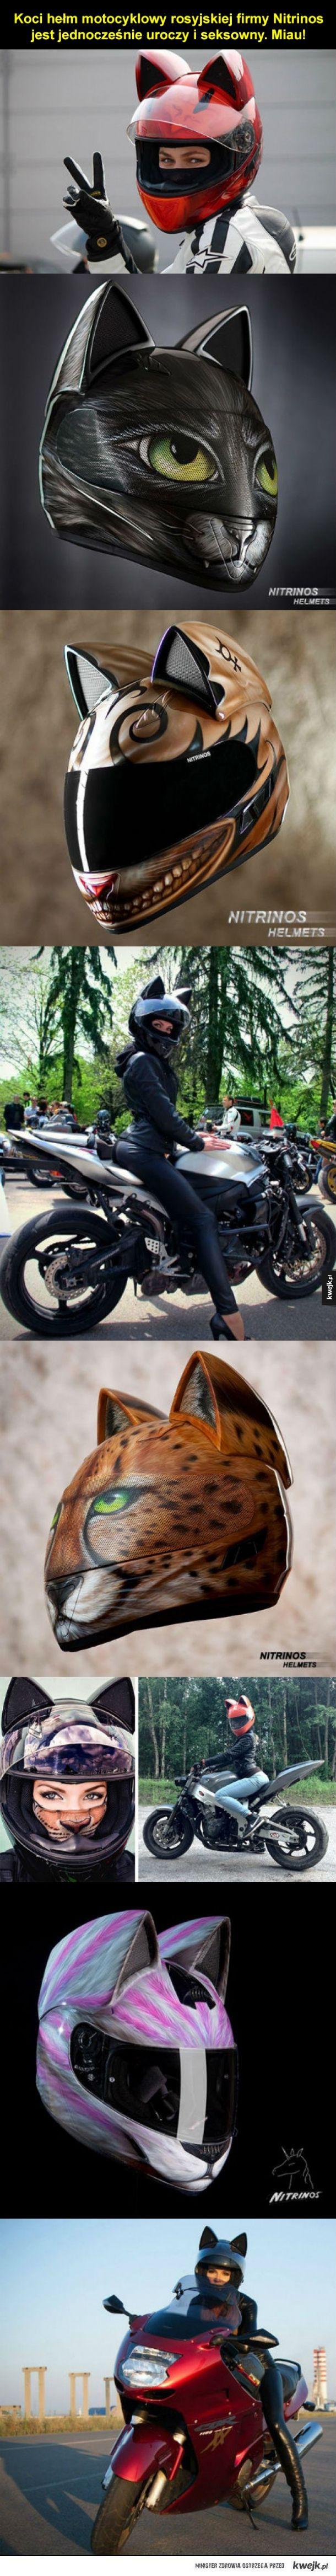 Hełm dla prawdziwego kociaka